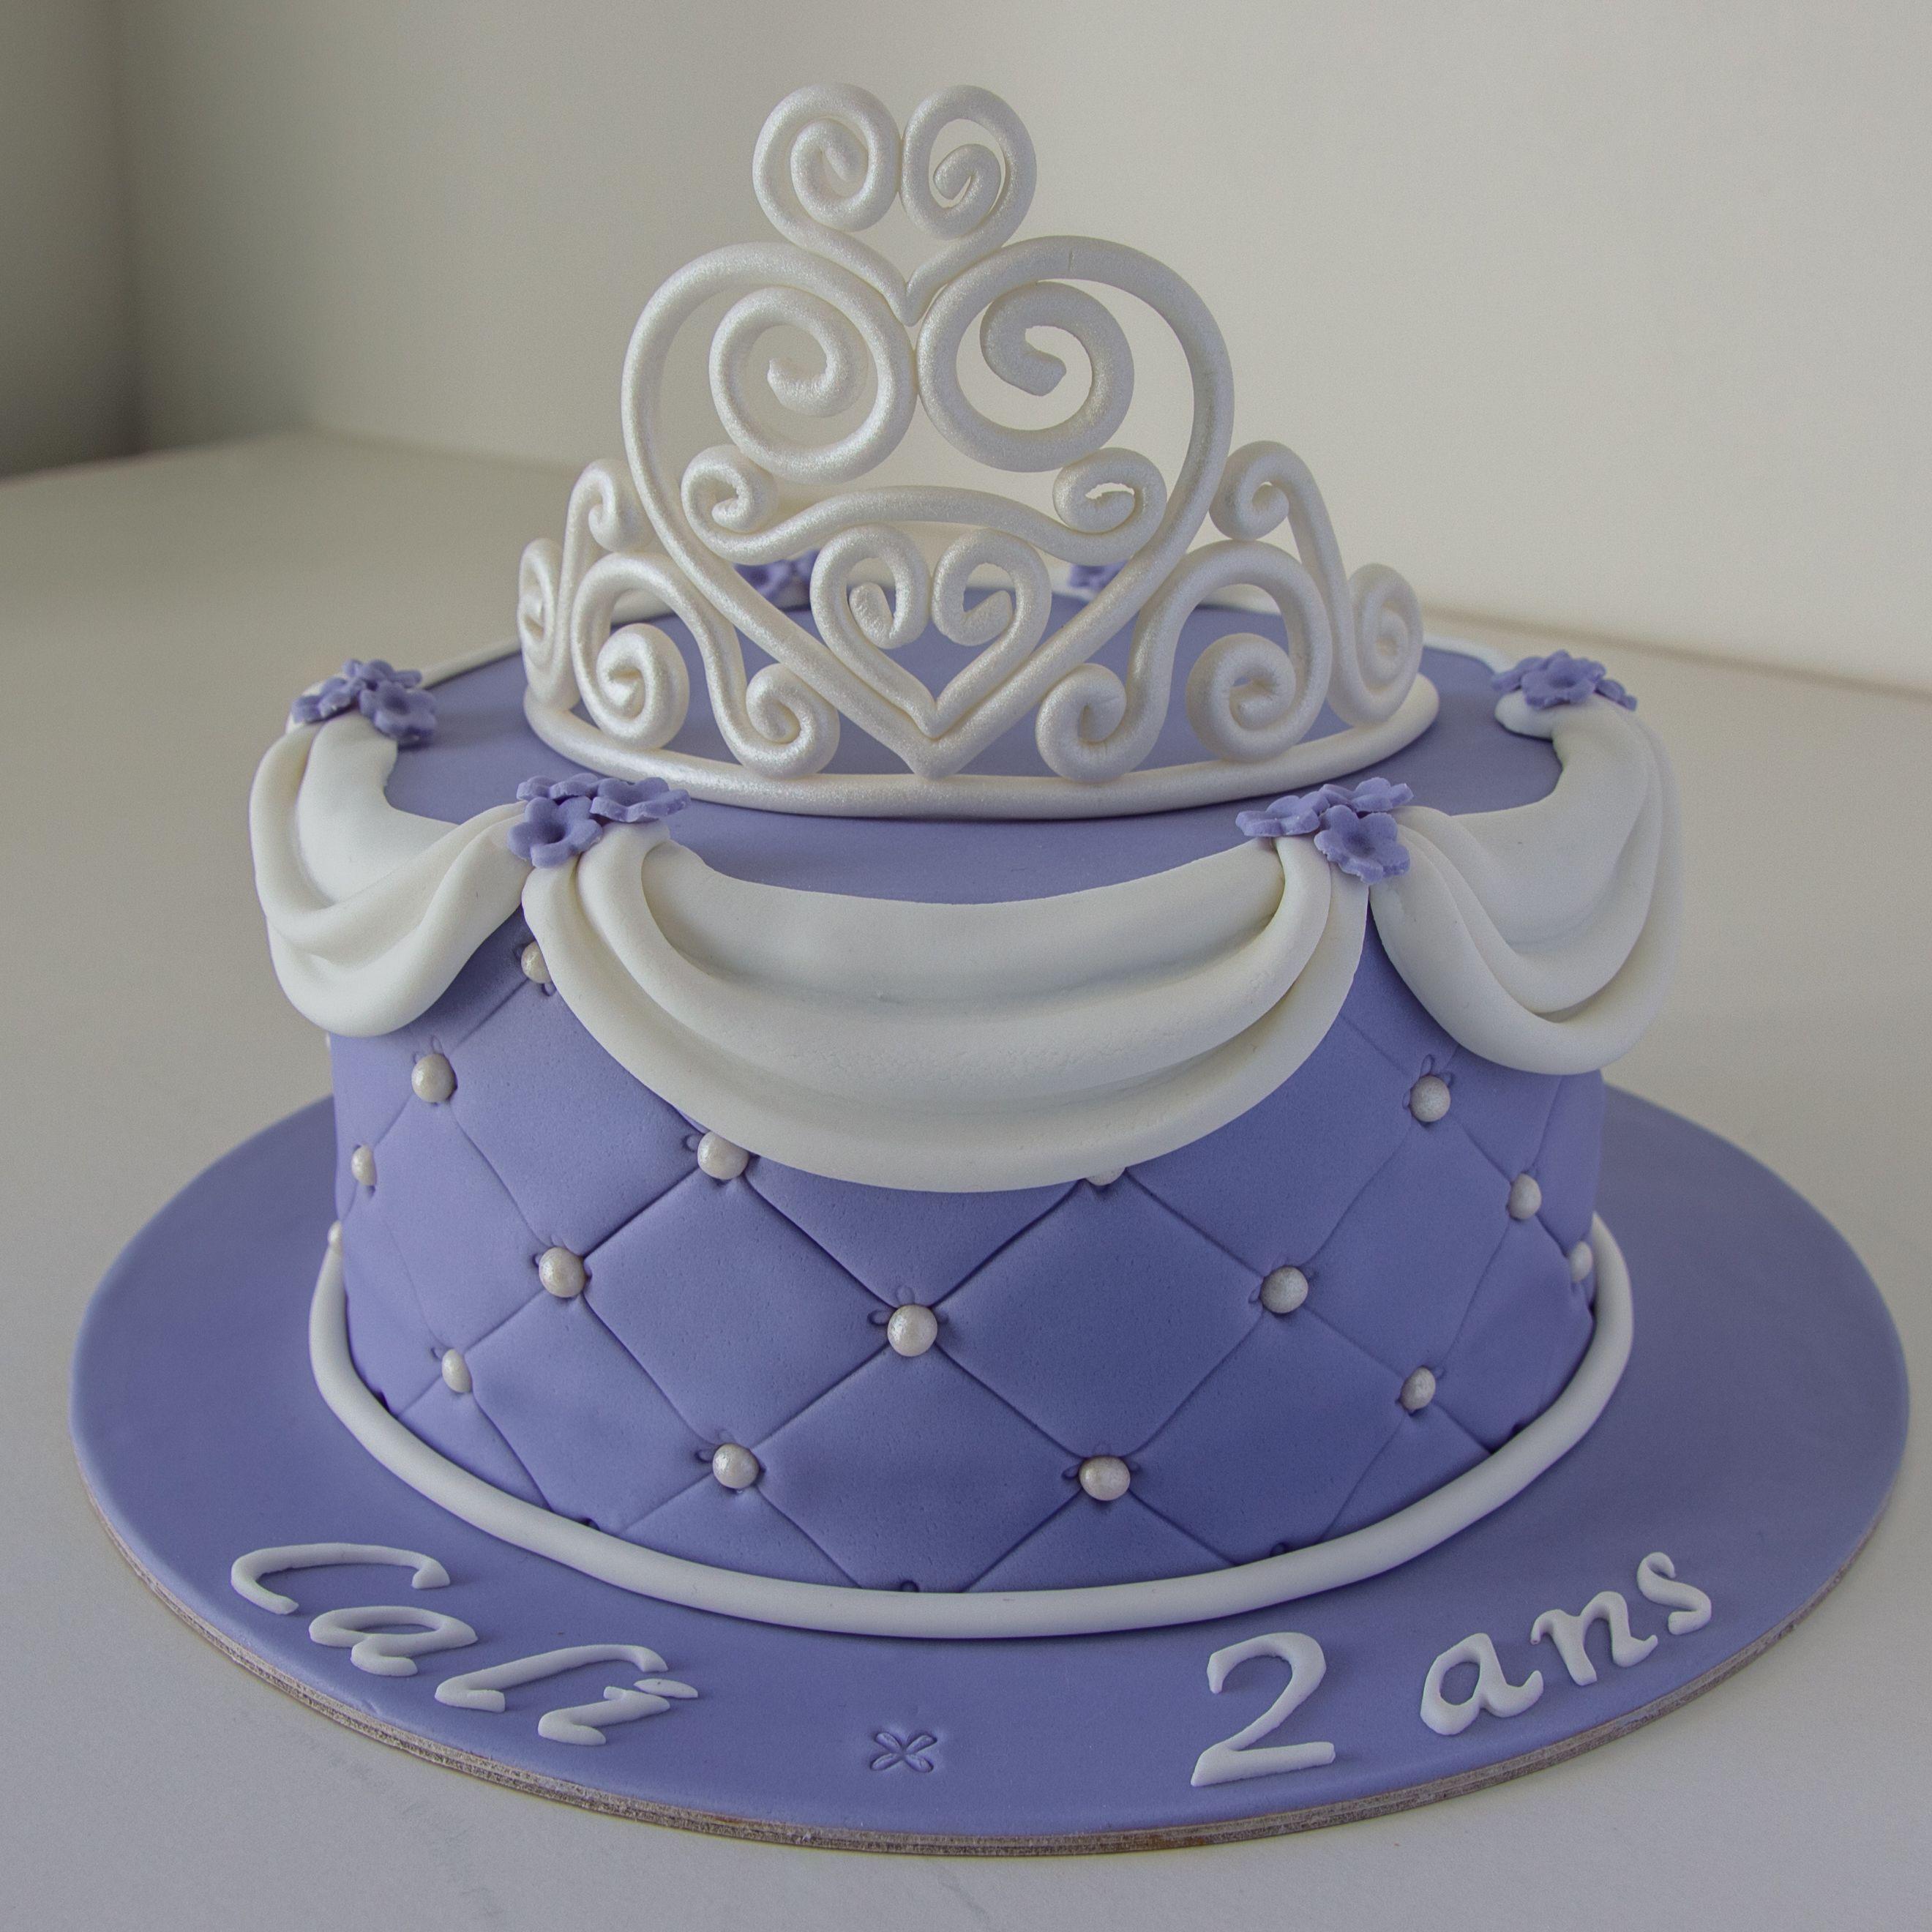 cake design g teau personnalis en p te sucre sur le th me princesse sofia avec diad me. Black Bedroom Furniture Sets. Home Design Ideas